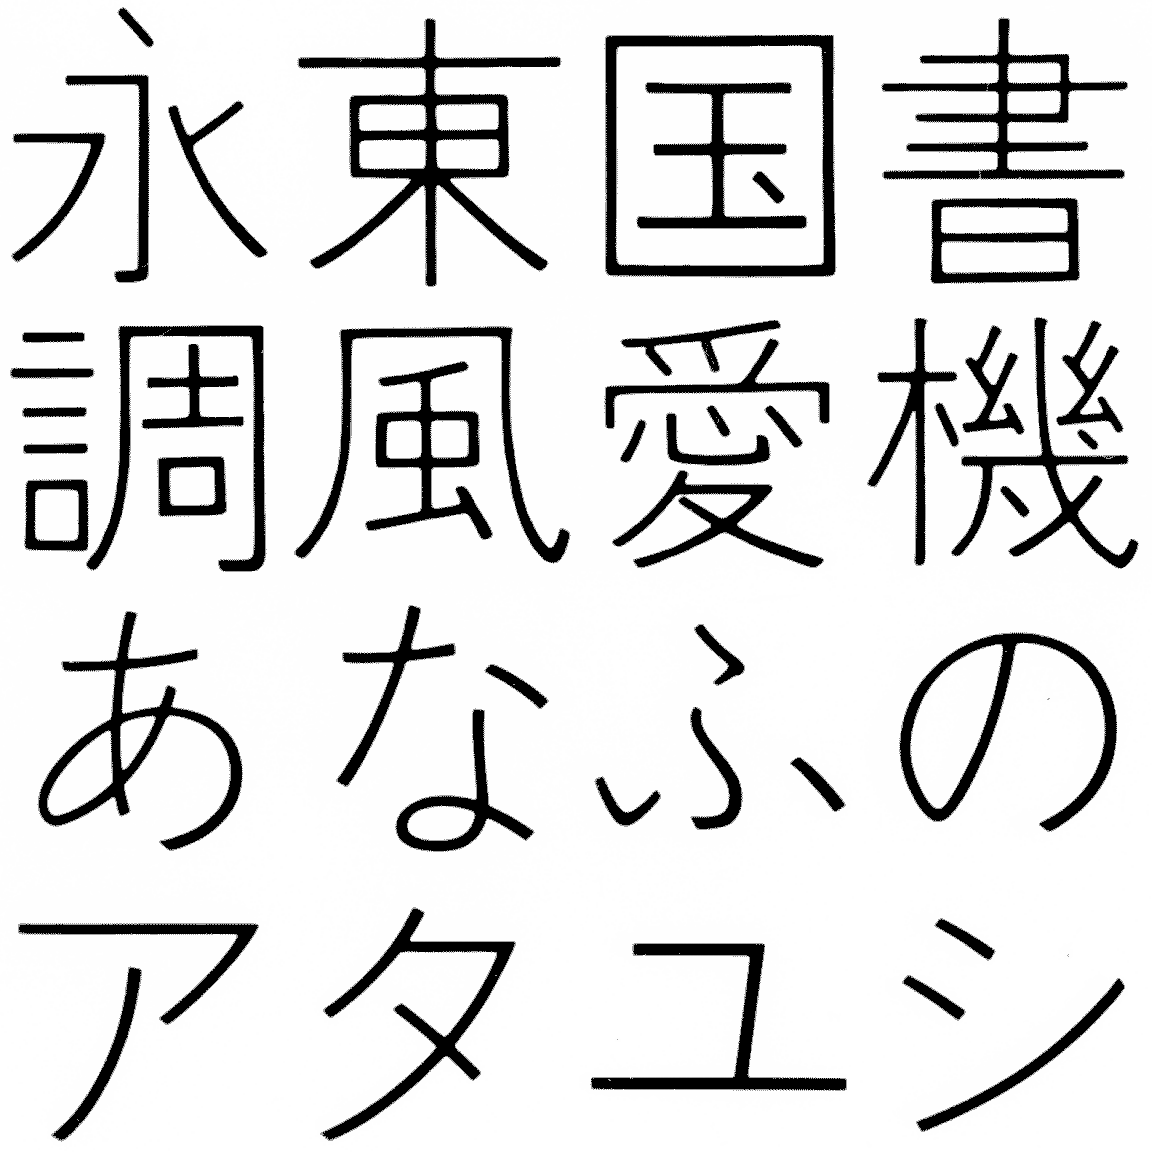 石井細ゴシック LG-KL 字形見本